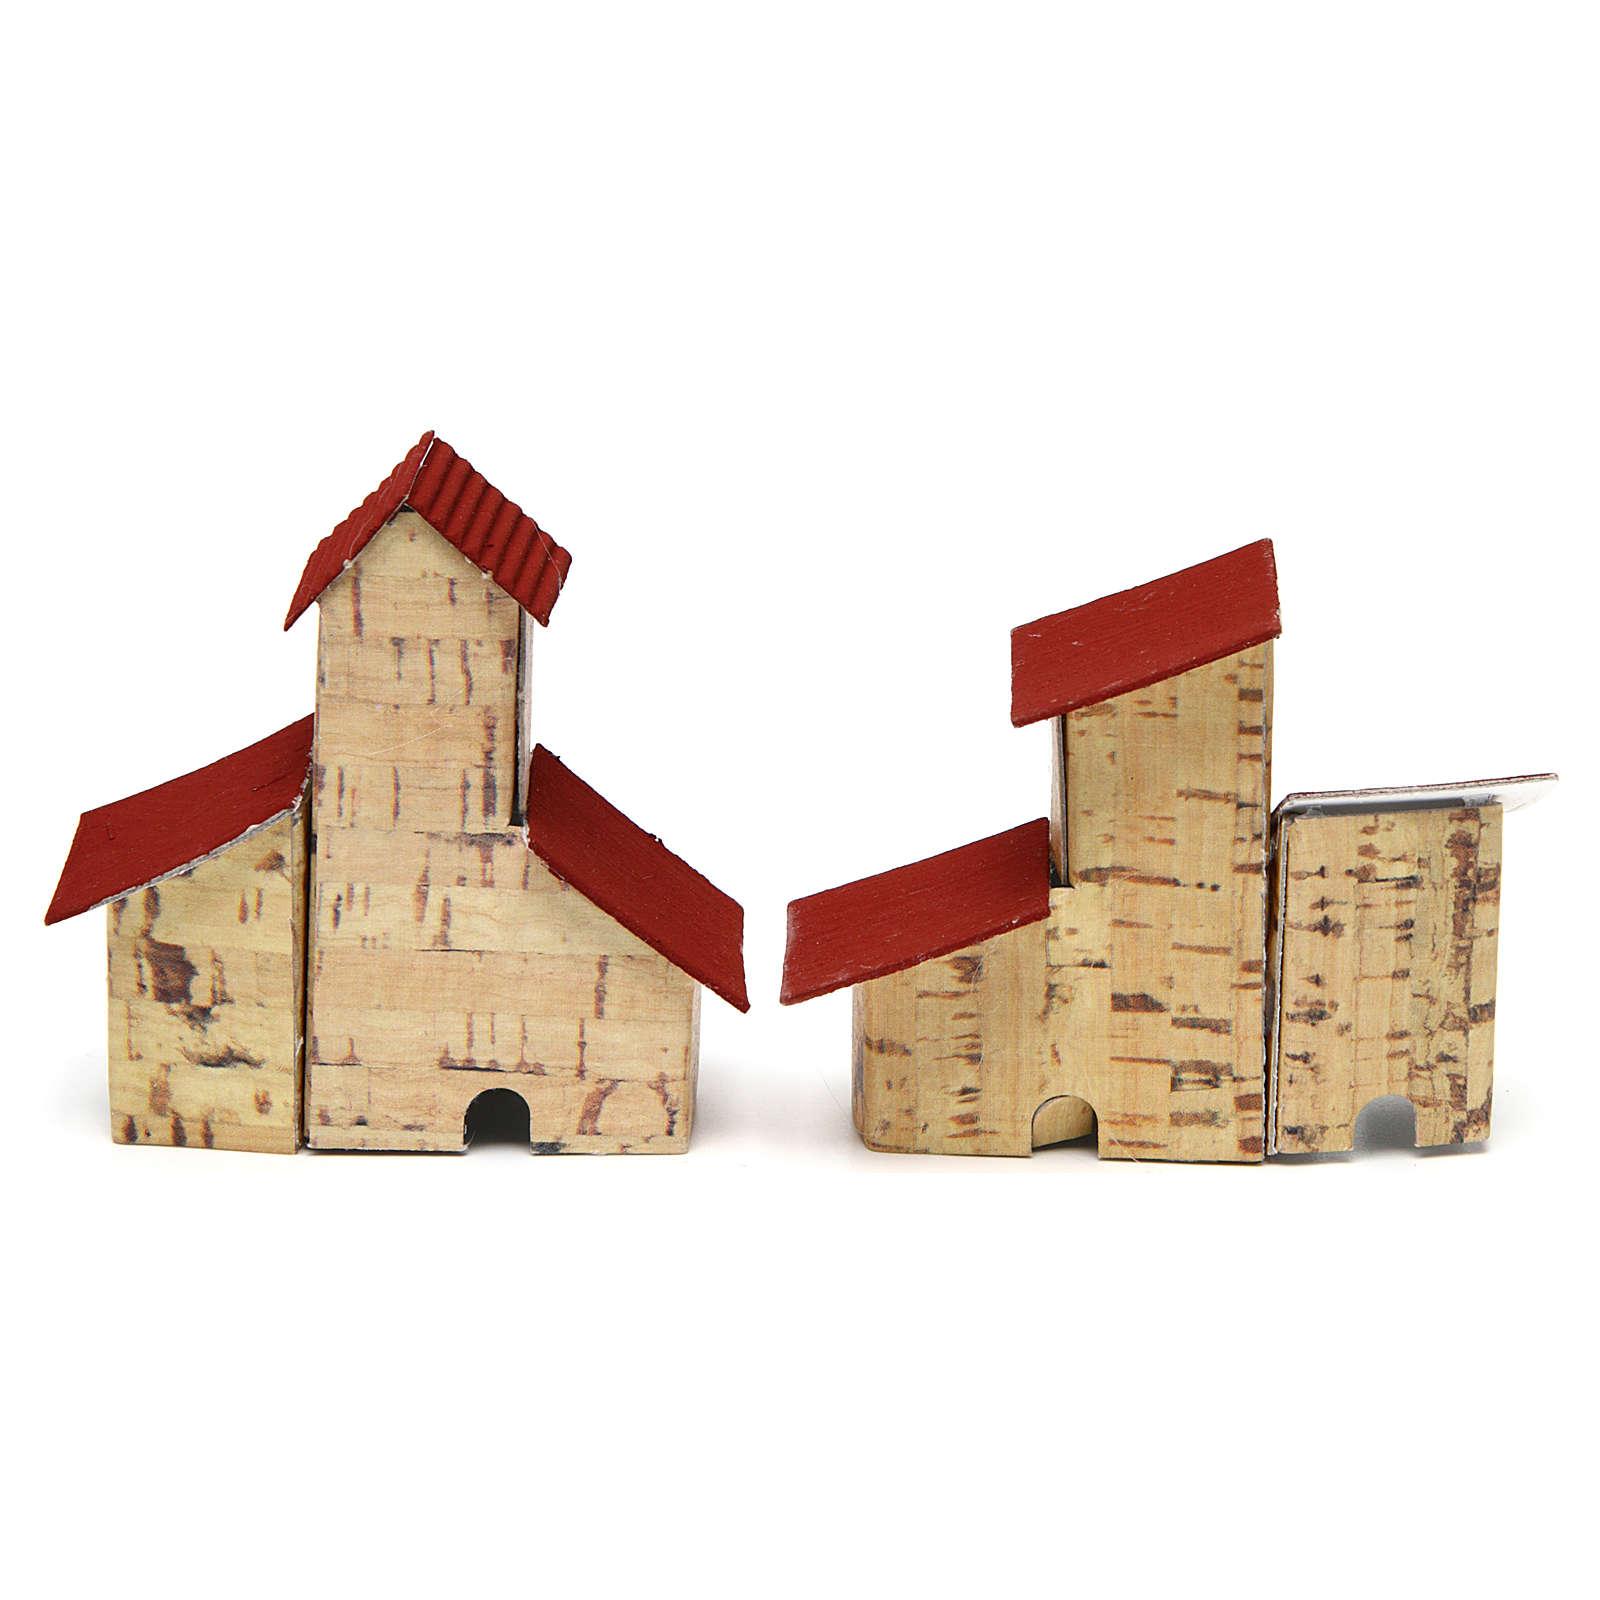 Nativity Houses 2 pieces 6.5x4x7 cm 4